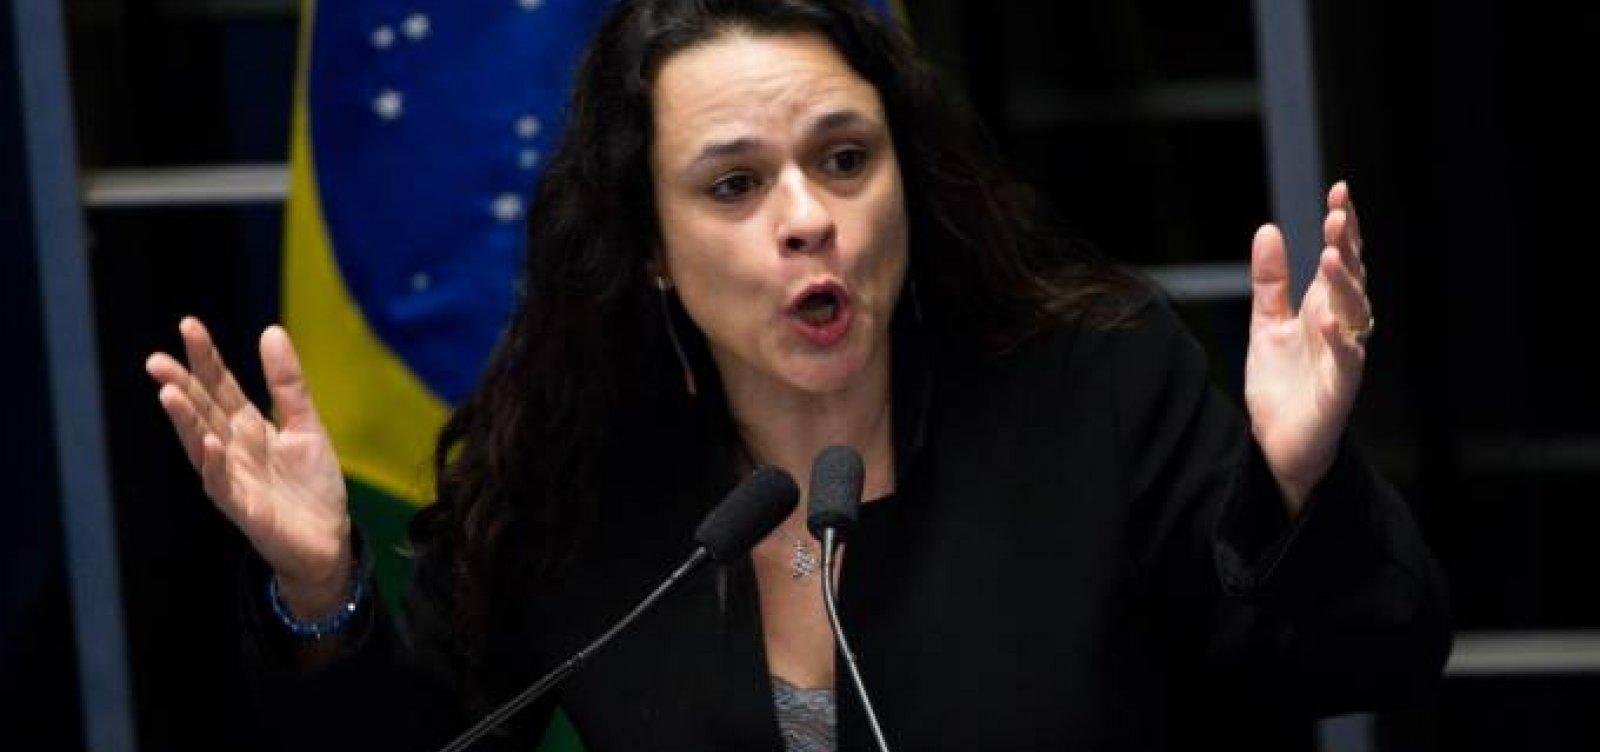 [Janaina Paschoal ataca PSL: 'Está cada vez mais parecido com o PT' ]